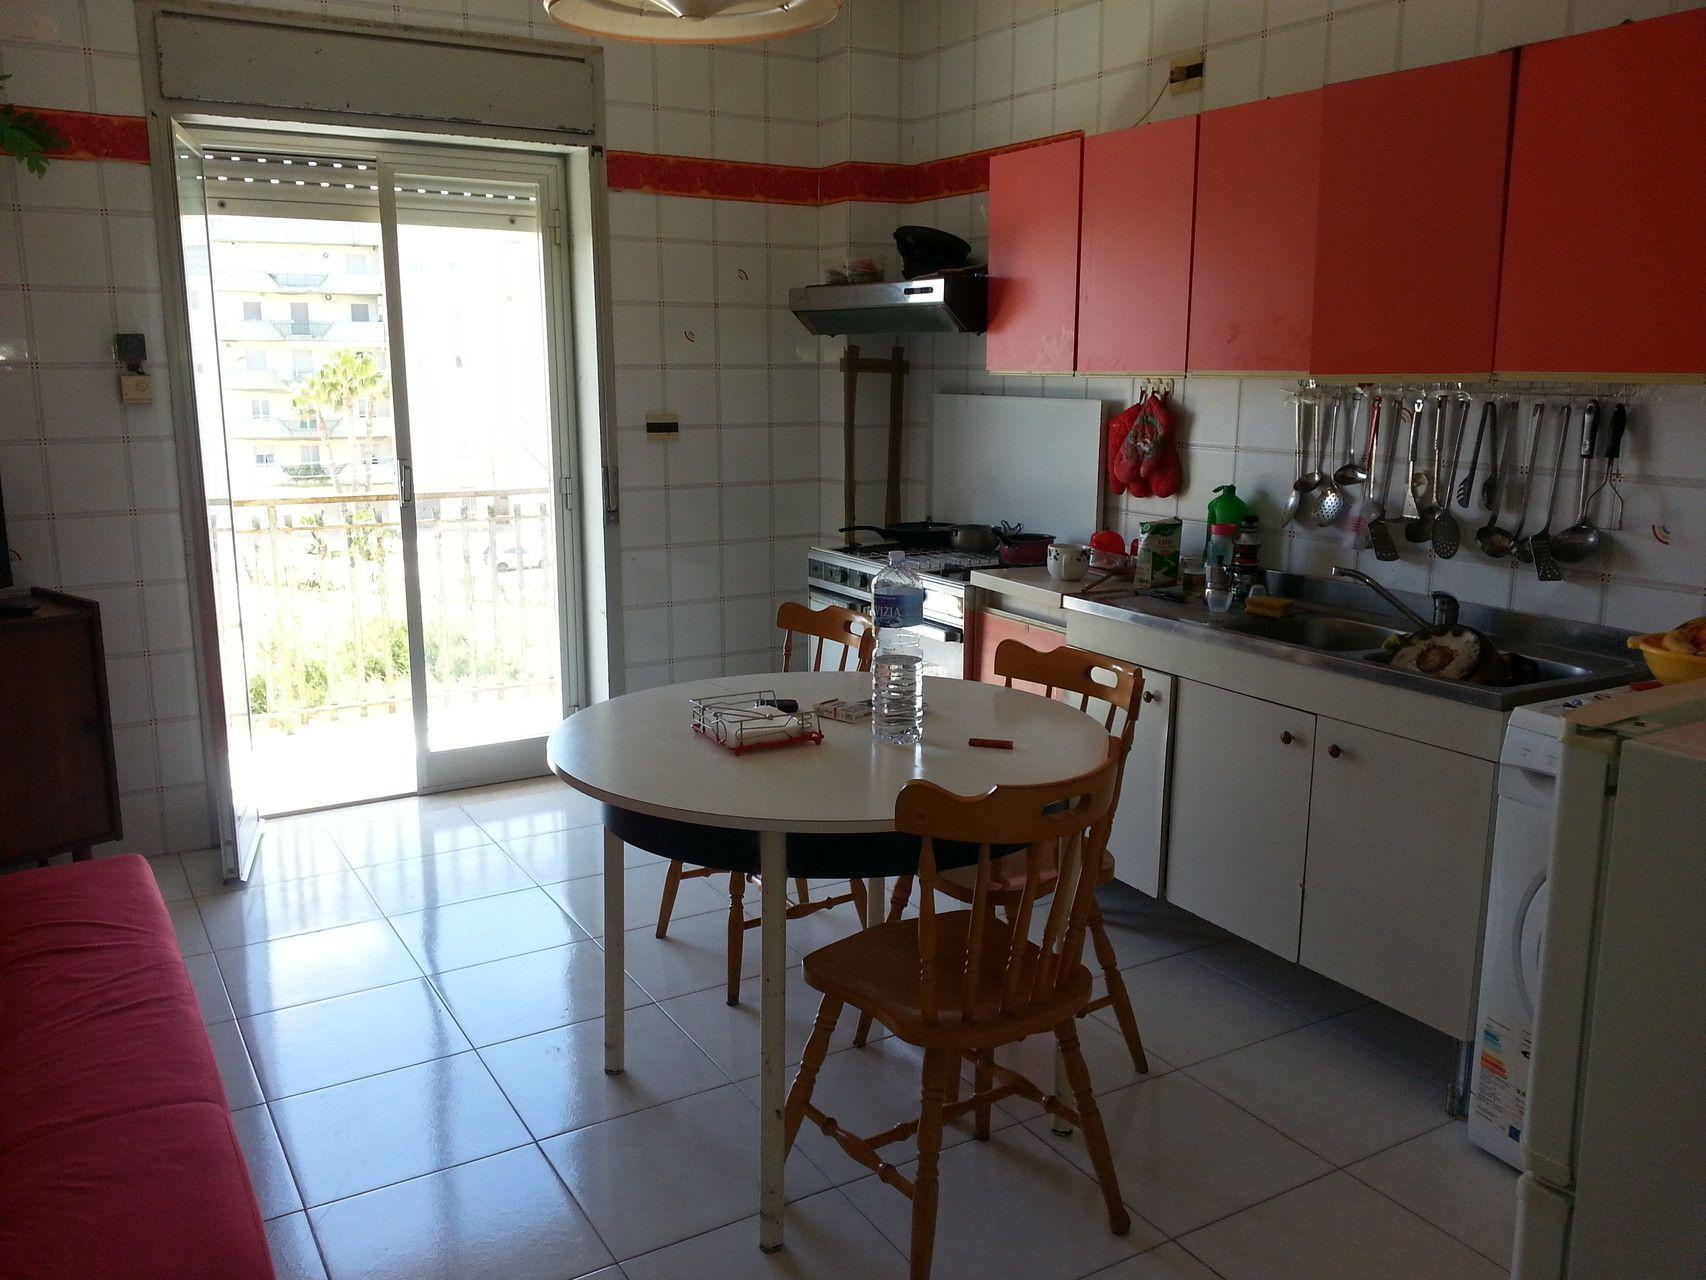 Affittasi appartamento arredato composto da 3 camere da letto salone cucina abitabile bagno - Camere da letto con bagno ...